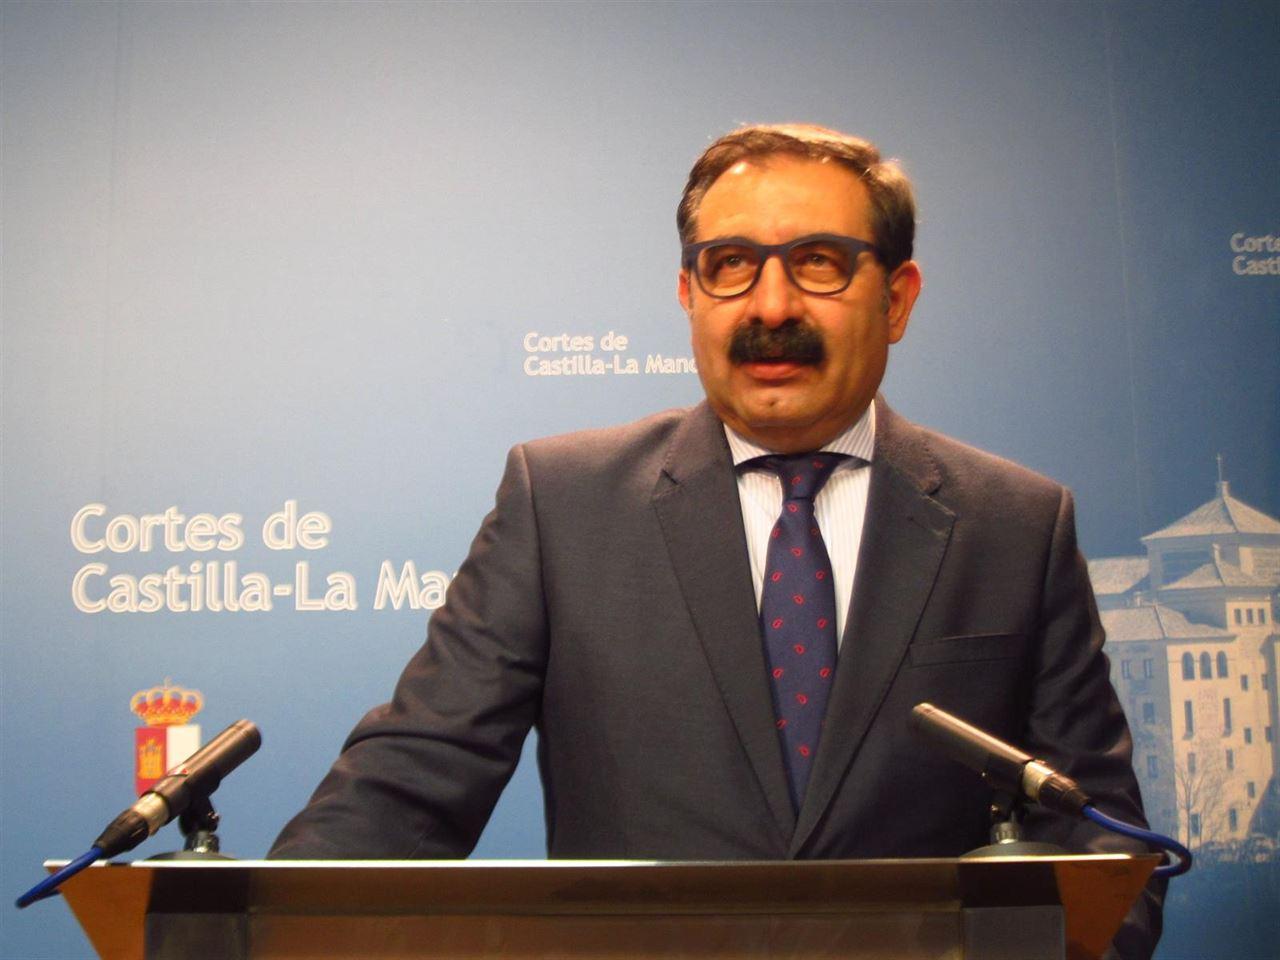 Castilla-La Manchacreará la figura de enfermero especialista en Salud Mental y en Enfermeríadel Trabajo en las próximas oposiciones